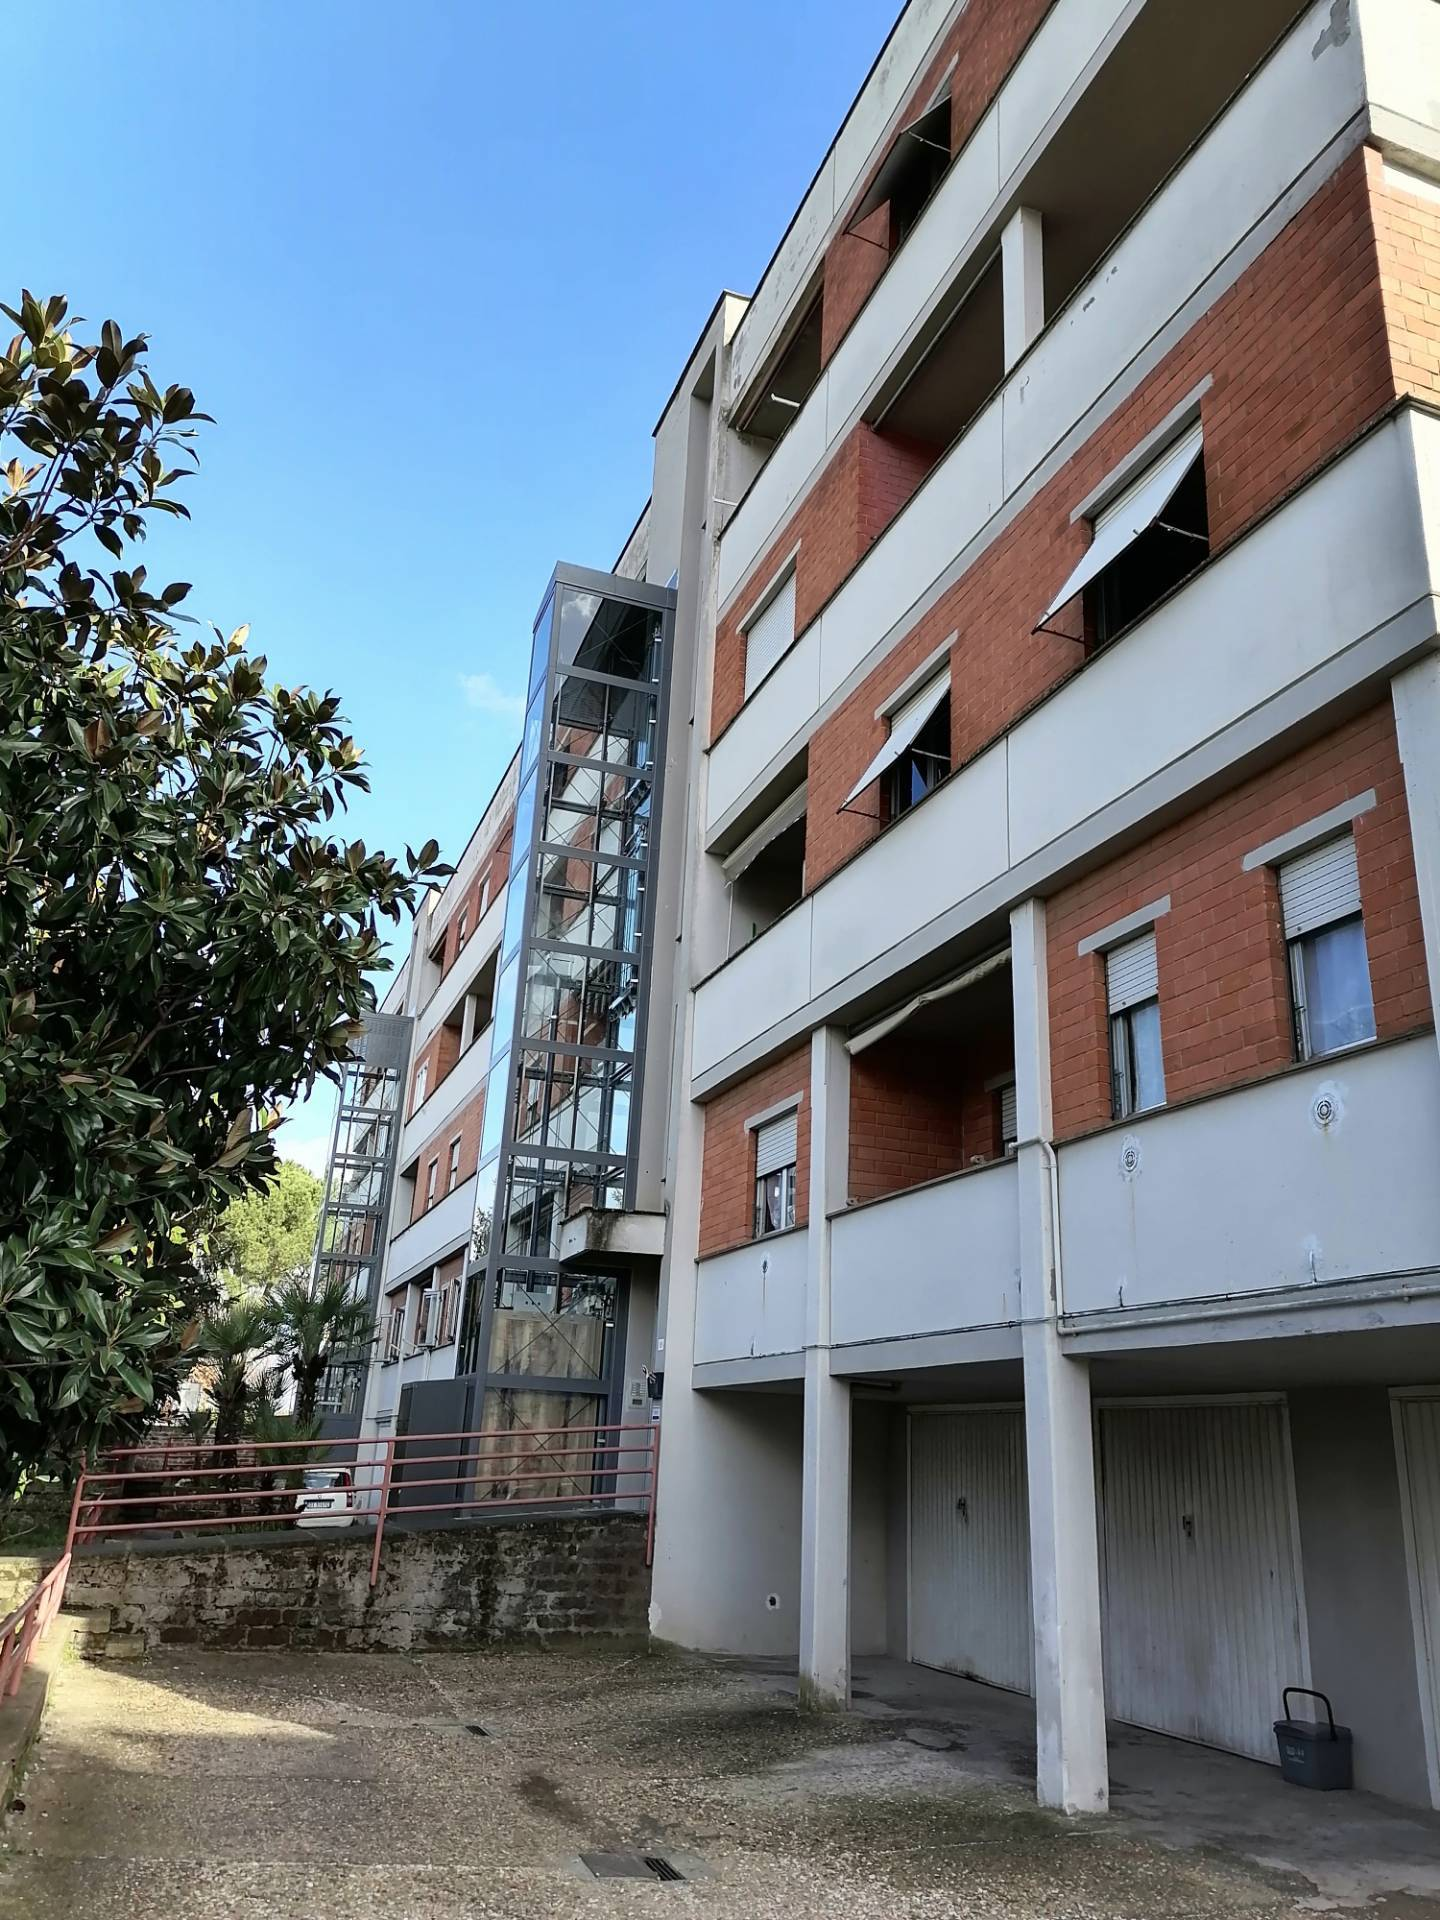 Appartamento in vendita a Civita Castellana, 4 locali, prezzo € 98.000 | CambioCasa.it